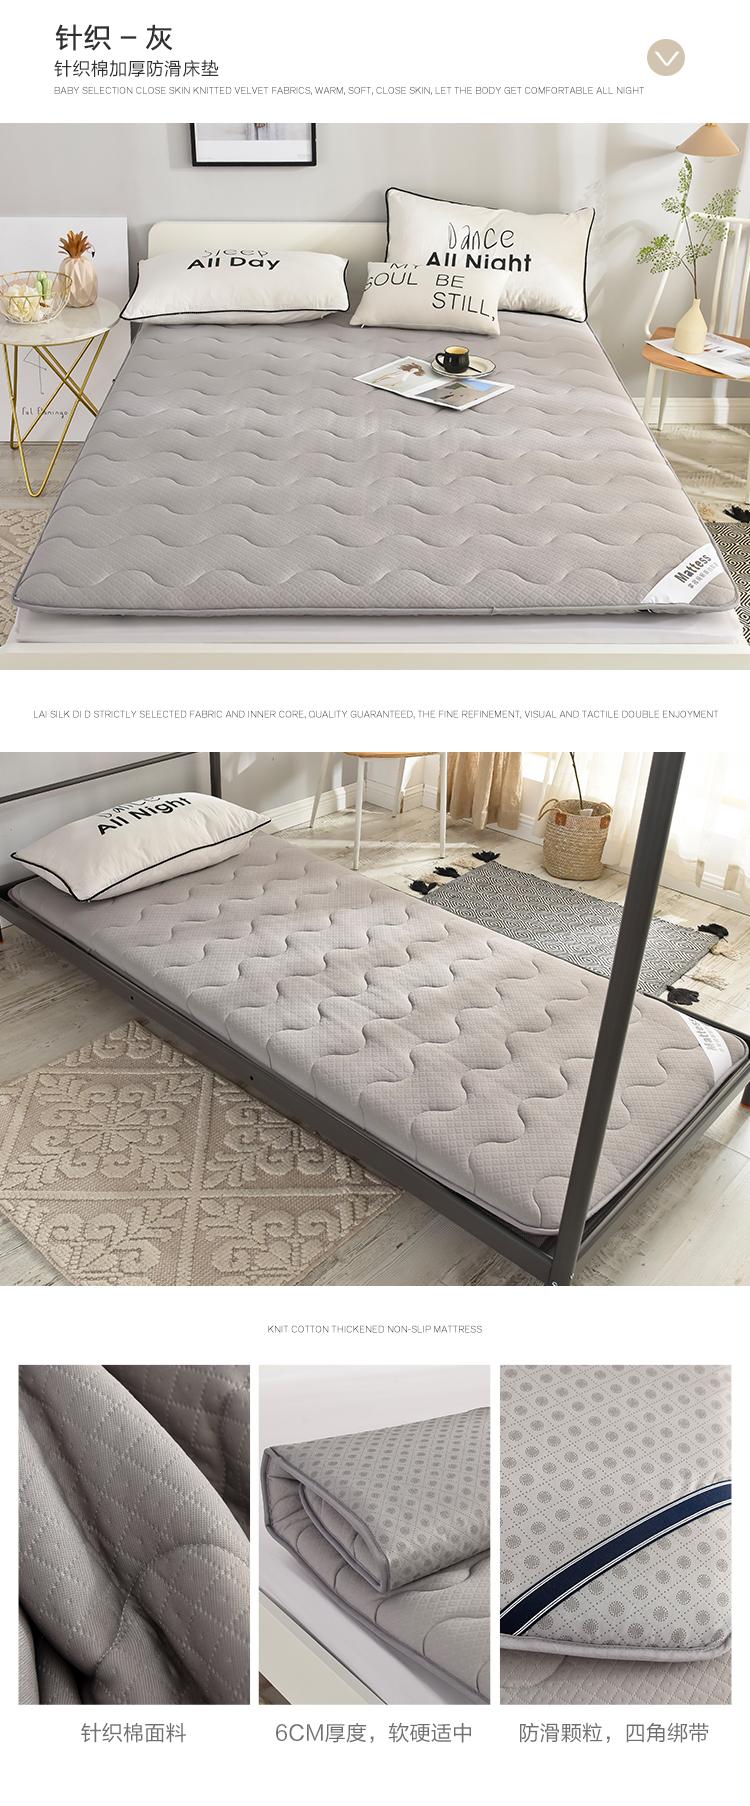 针织棉加厚防滑床垫_18.jpg